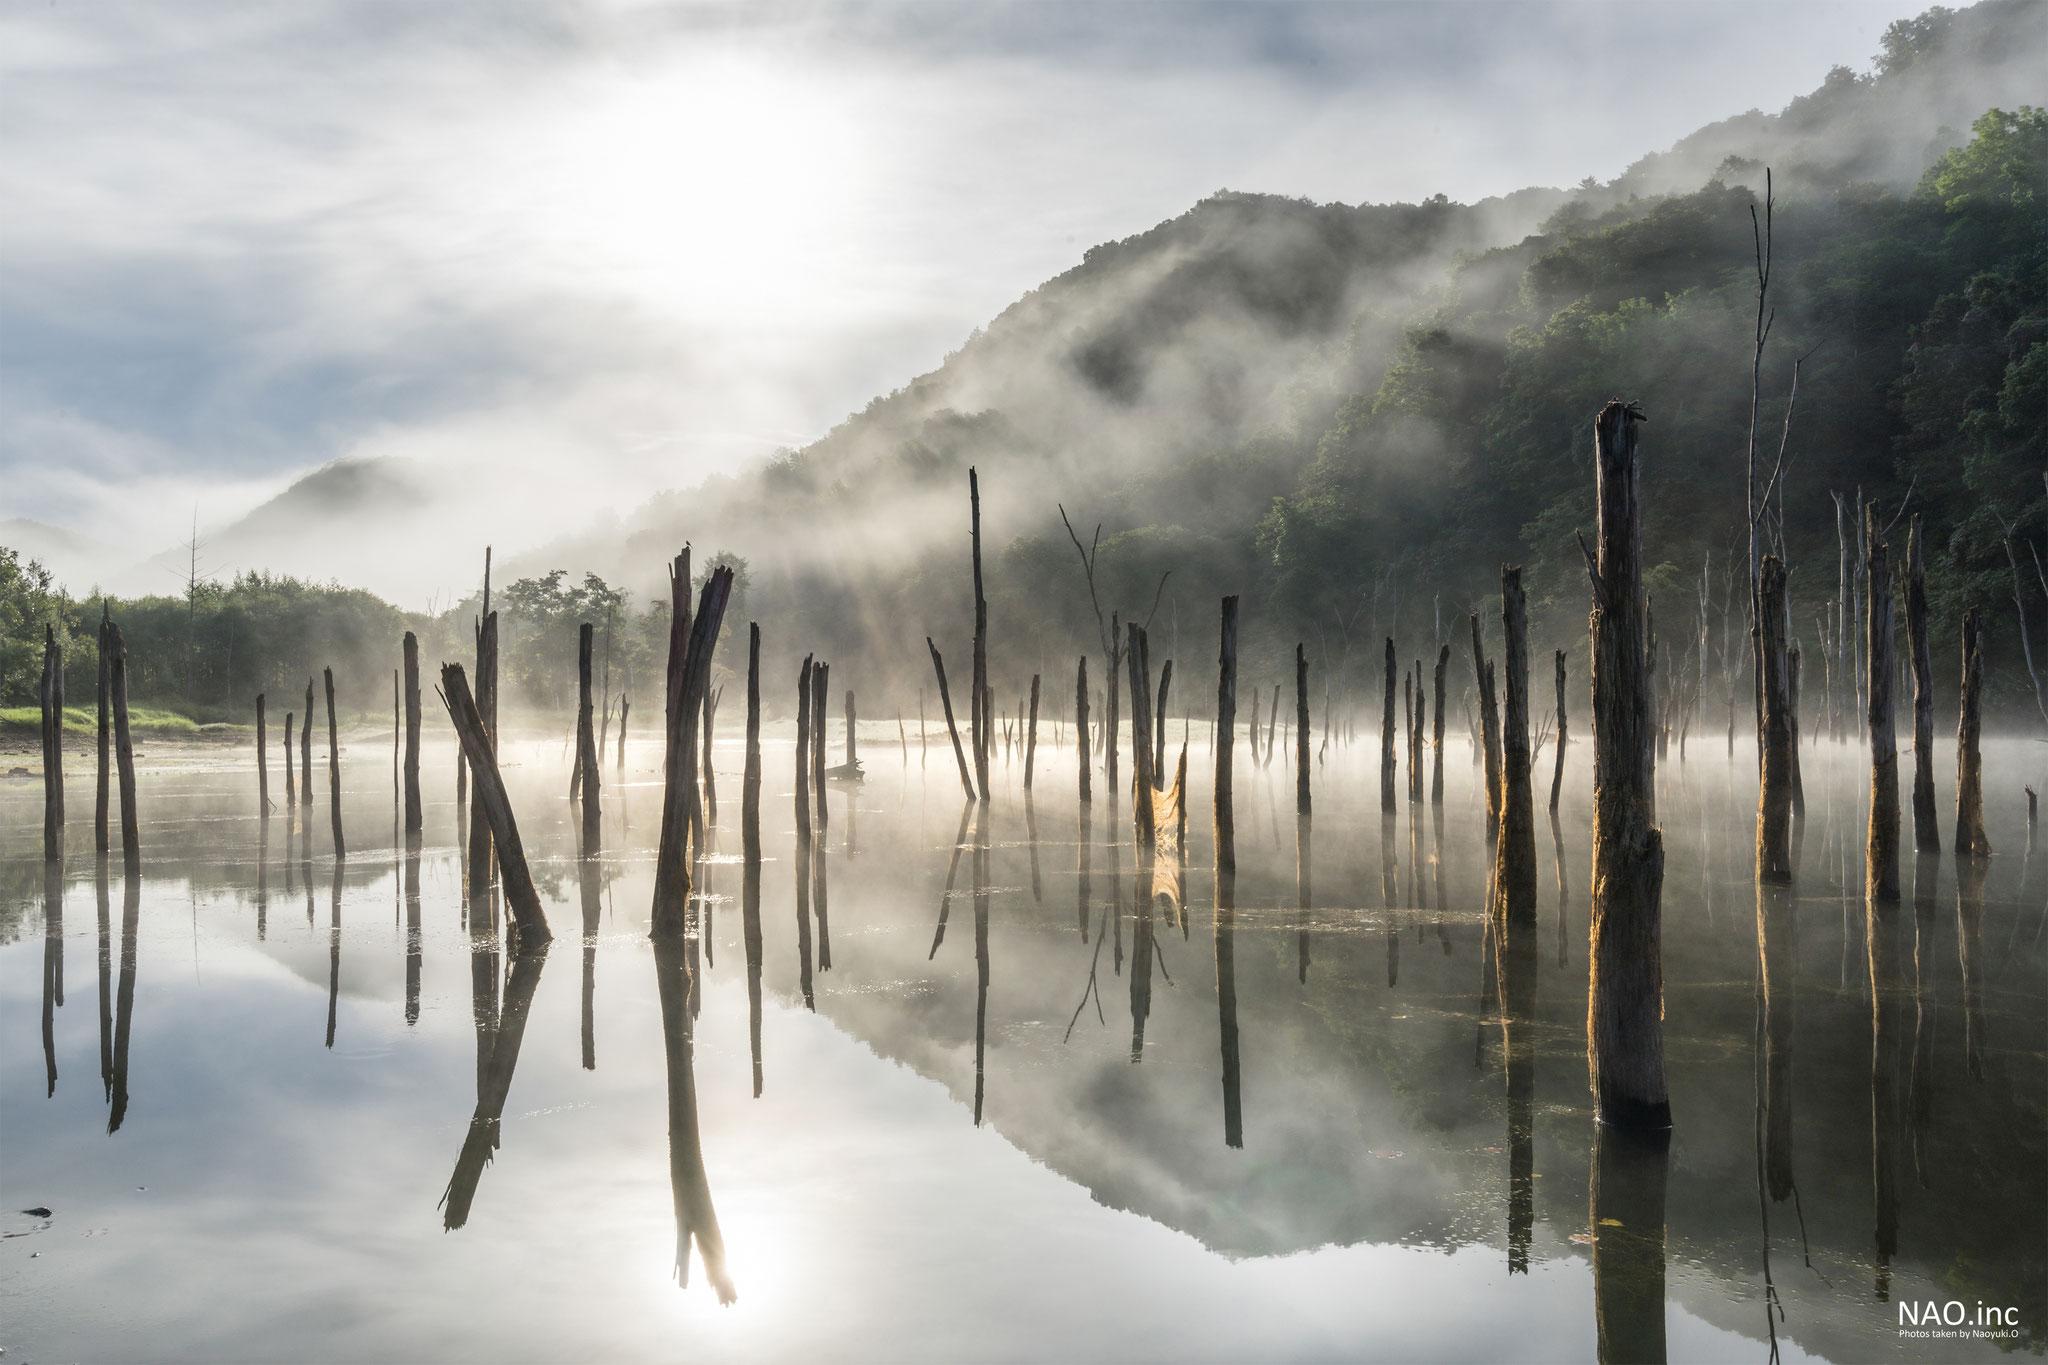 赤井川村落合ダム。朝に湧き上がる霧を朝日がかき分ける。【ナショジオEF・デジタルカメラマガジン2018年12月号掲載】